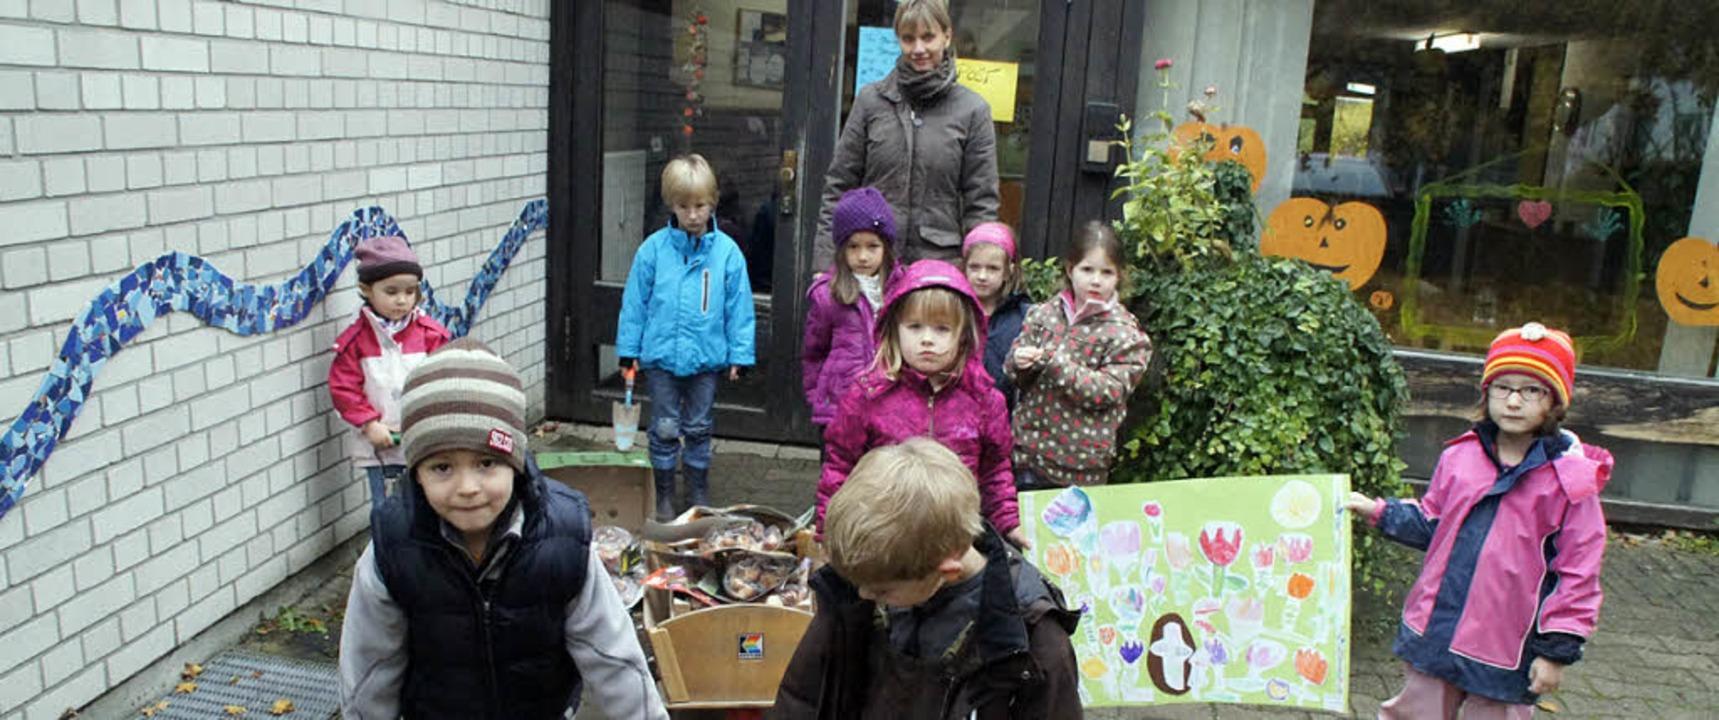 Mit 500 gewonnenen Blumenzwiebeln fürs...flanzaktion mit Elternhilfe angesetzt.  | Foto: Ilona Hüge